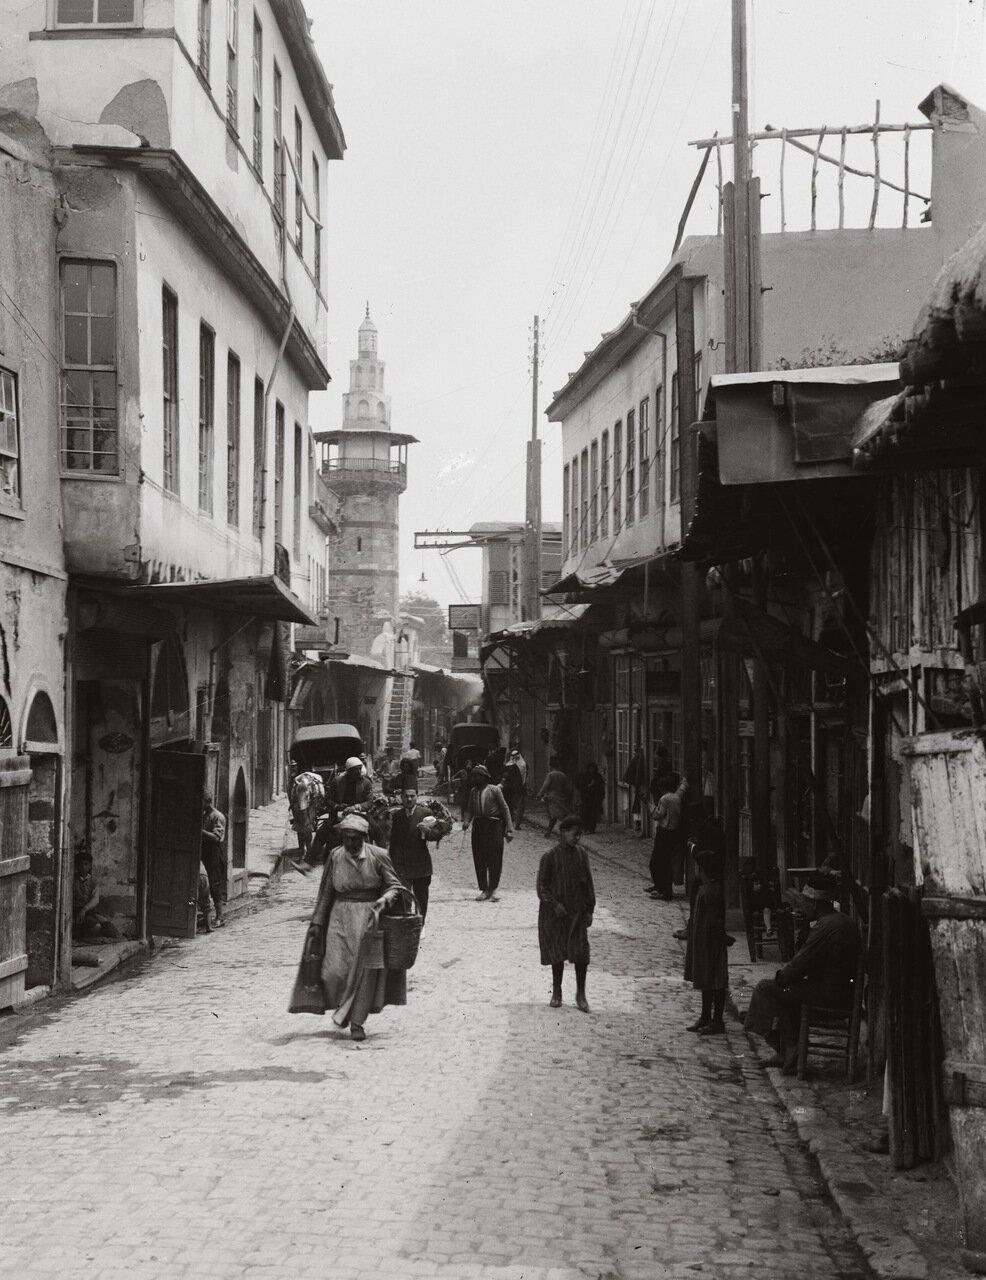 Прямая улица возле Восточных ворот. Дамаск, Сирия. 1920-1933 гг.